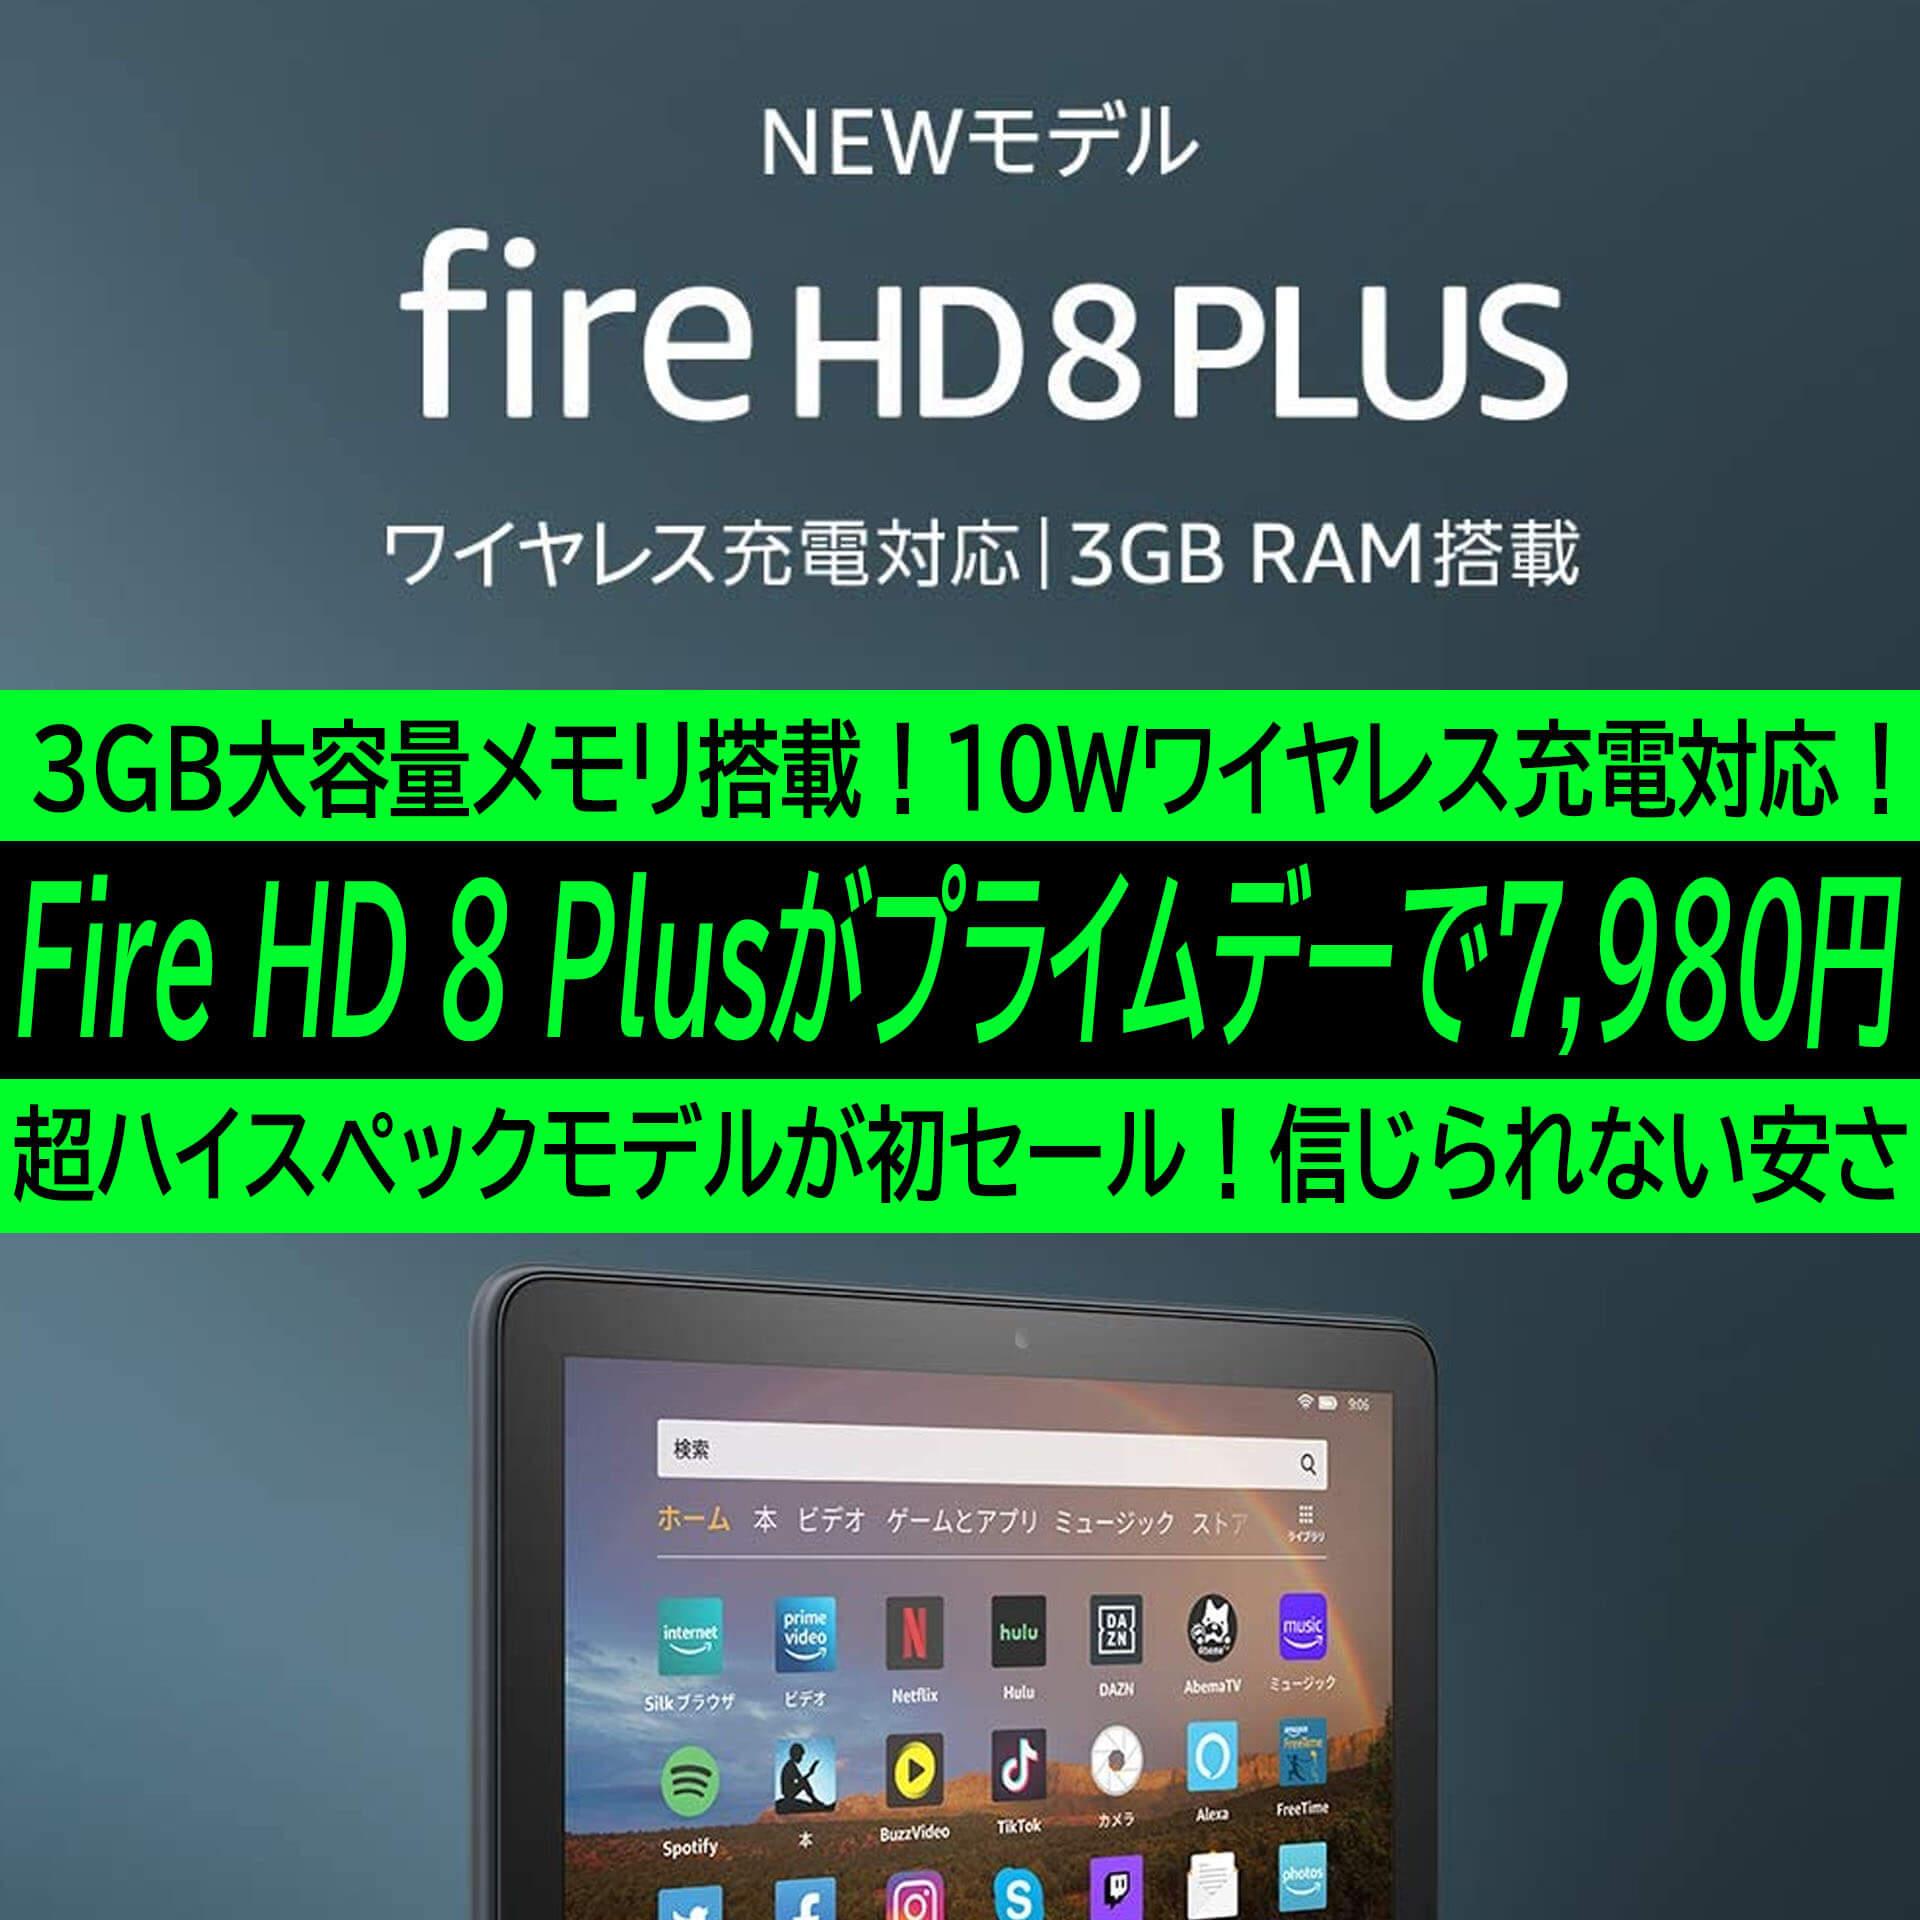 Fire Hd 8 Plusが初セール Amazonプライムデーに登場 メモリ3gbワイヤレス充電機能付で7 980円 ハイパーガジェット通信